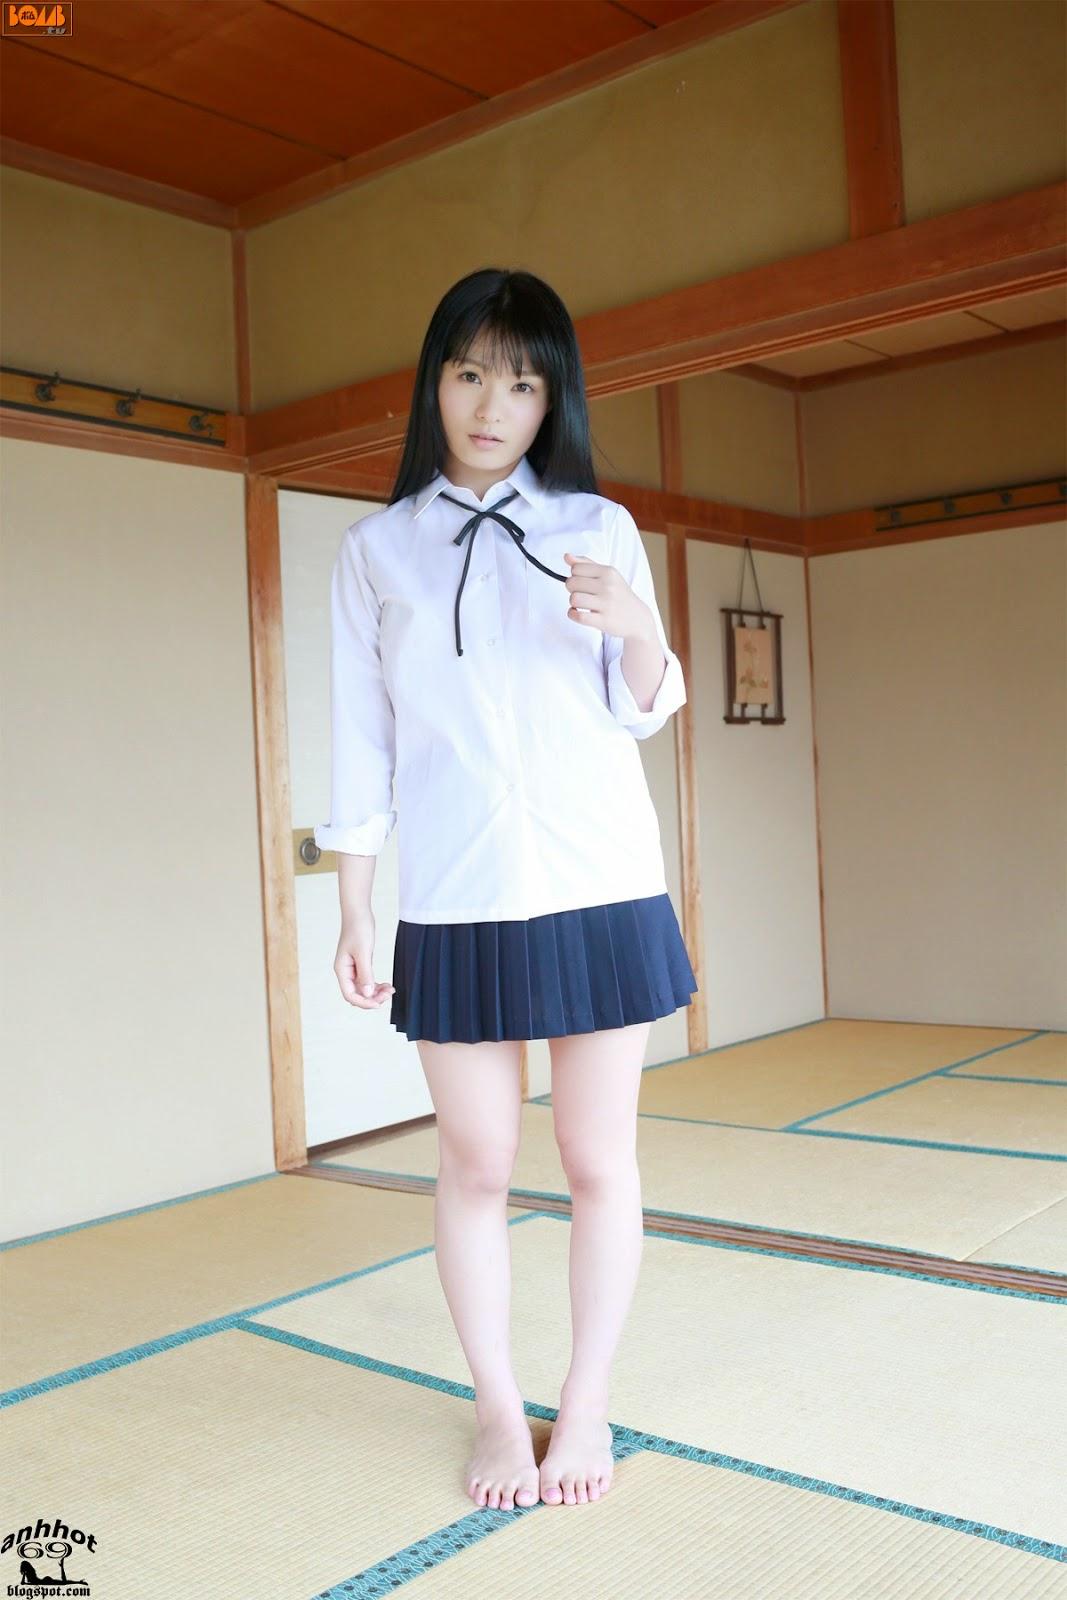 mizuki-hoshina-02127831